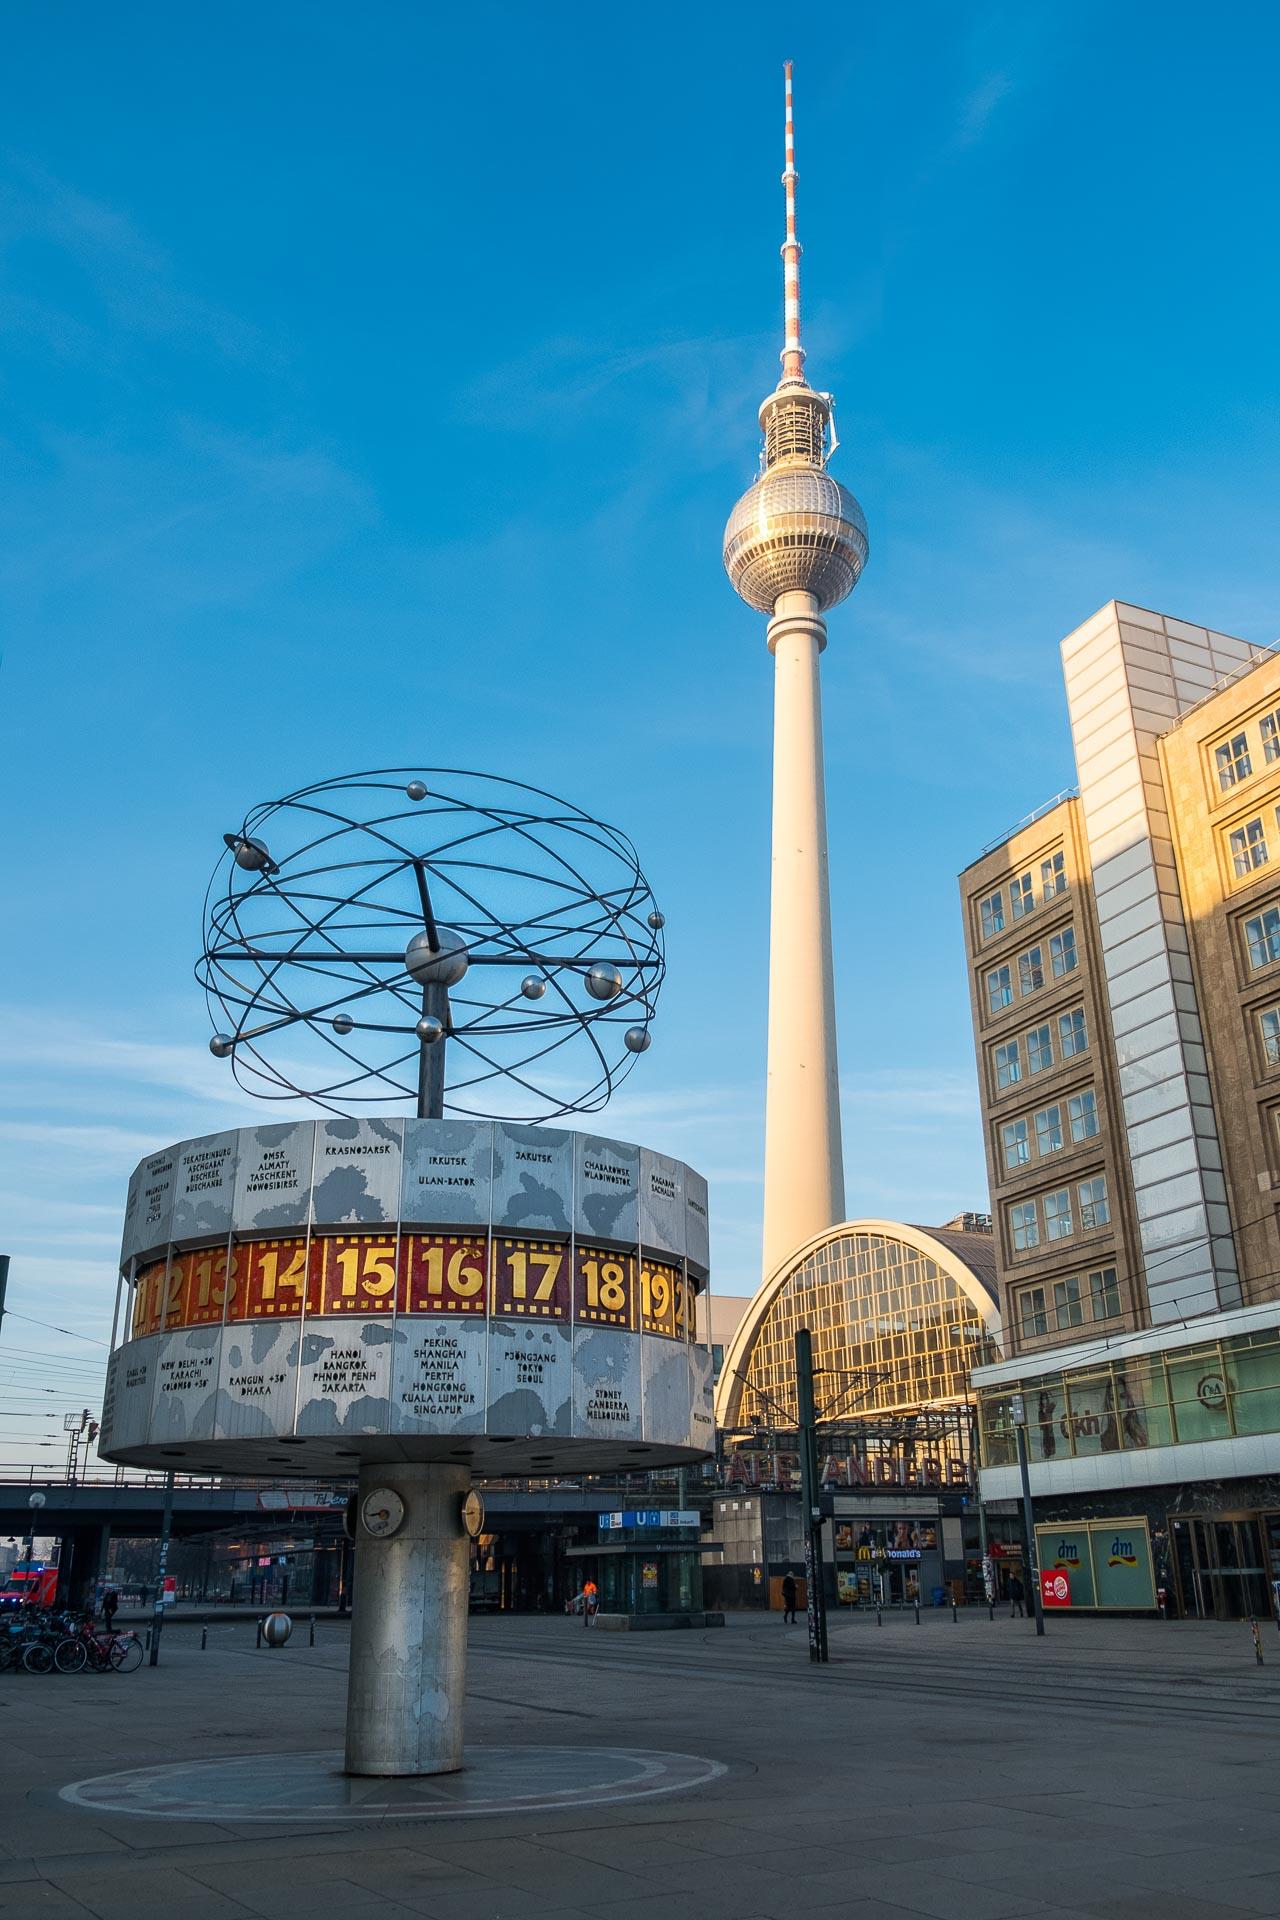 Weltuhr & Fernsehturm am Alexanderplatz